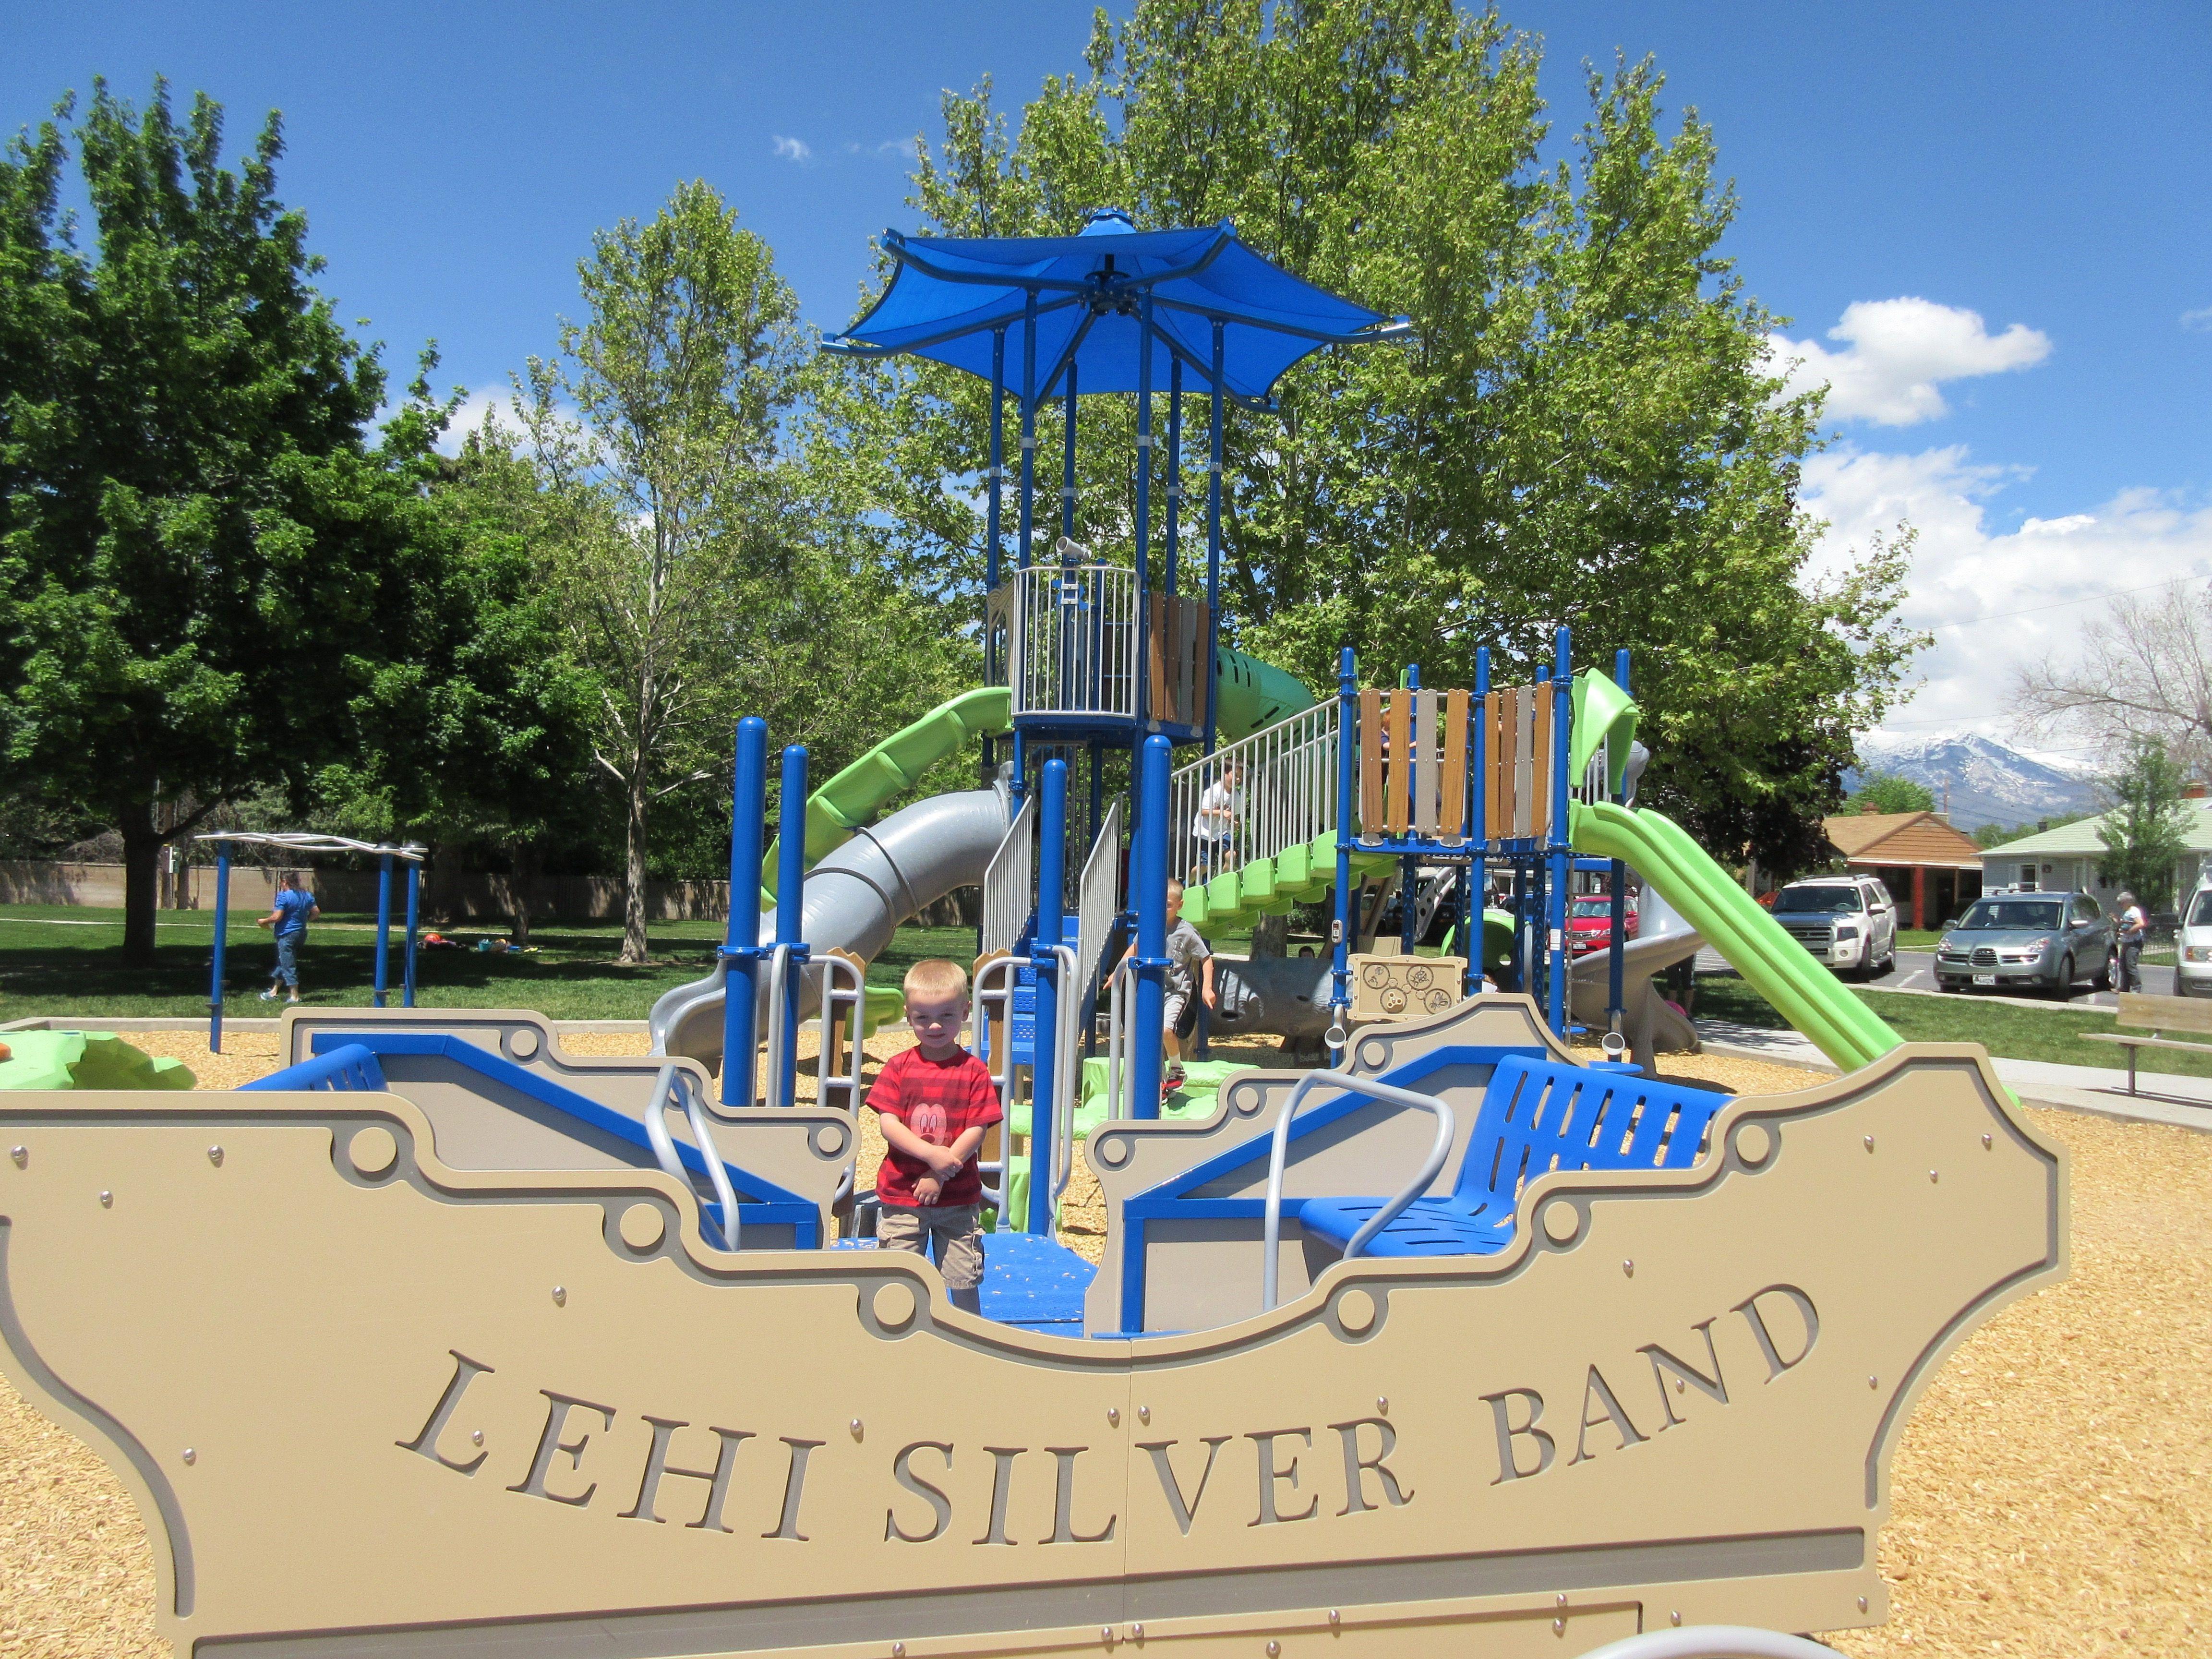 Bandwagon Park In Lehi Utah S Adventure Family Utah Adventures Lehi Lehi Utah